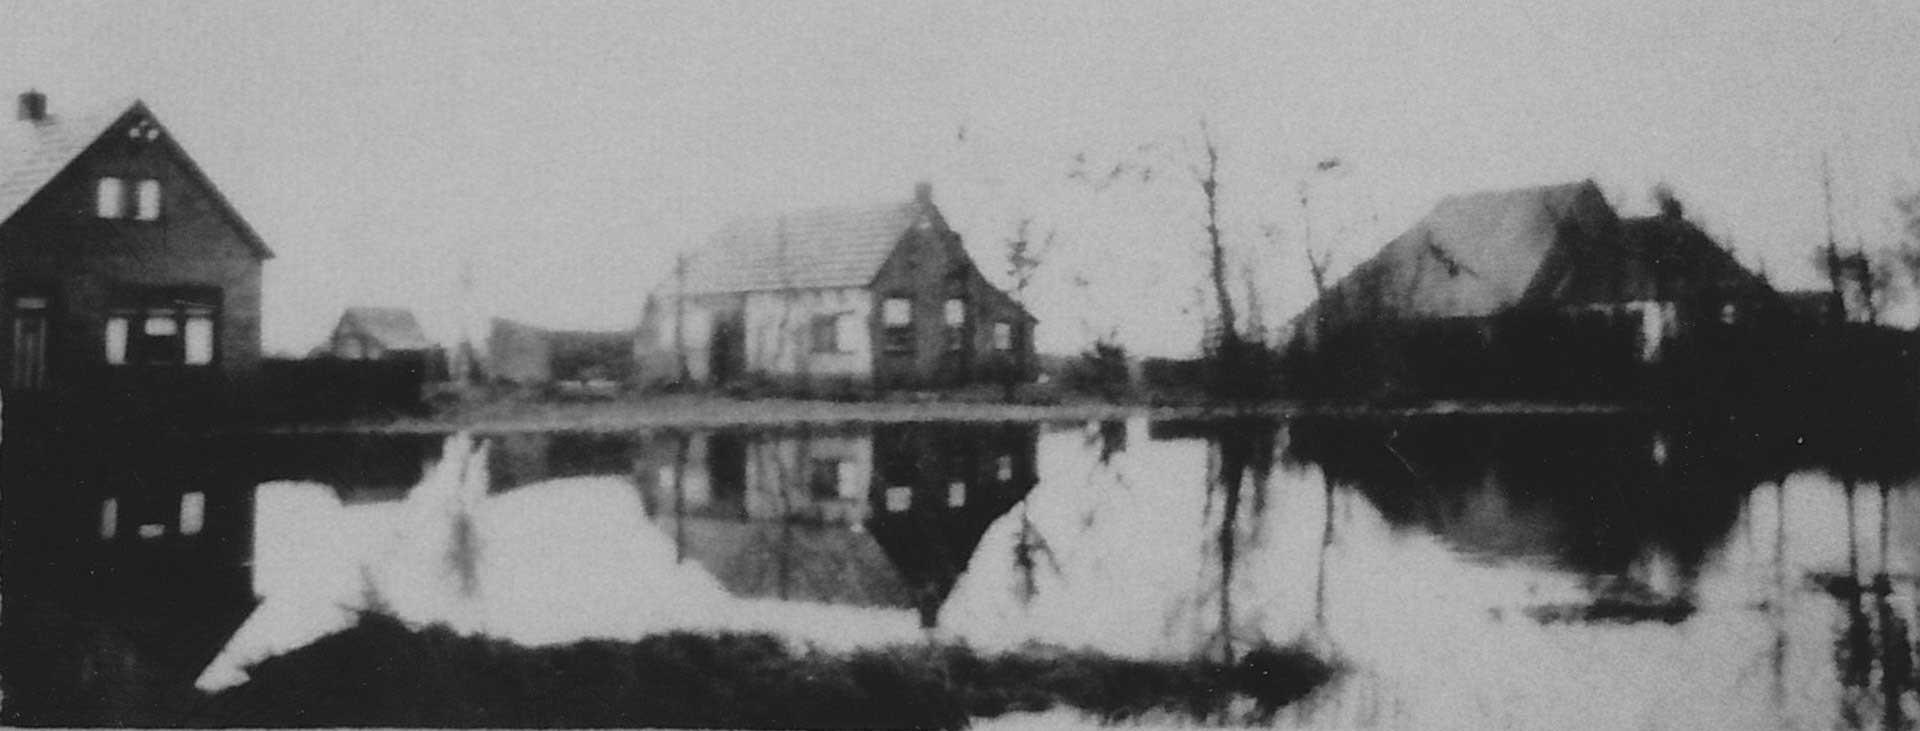 1940 Brink Vledderveen